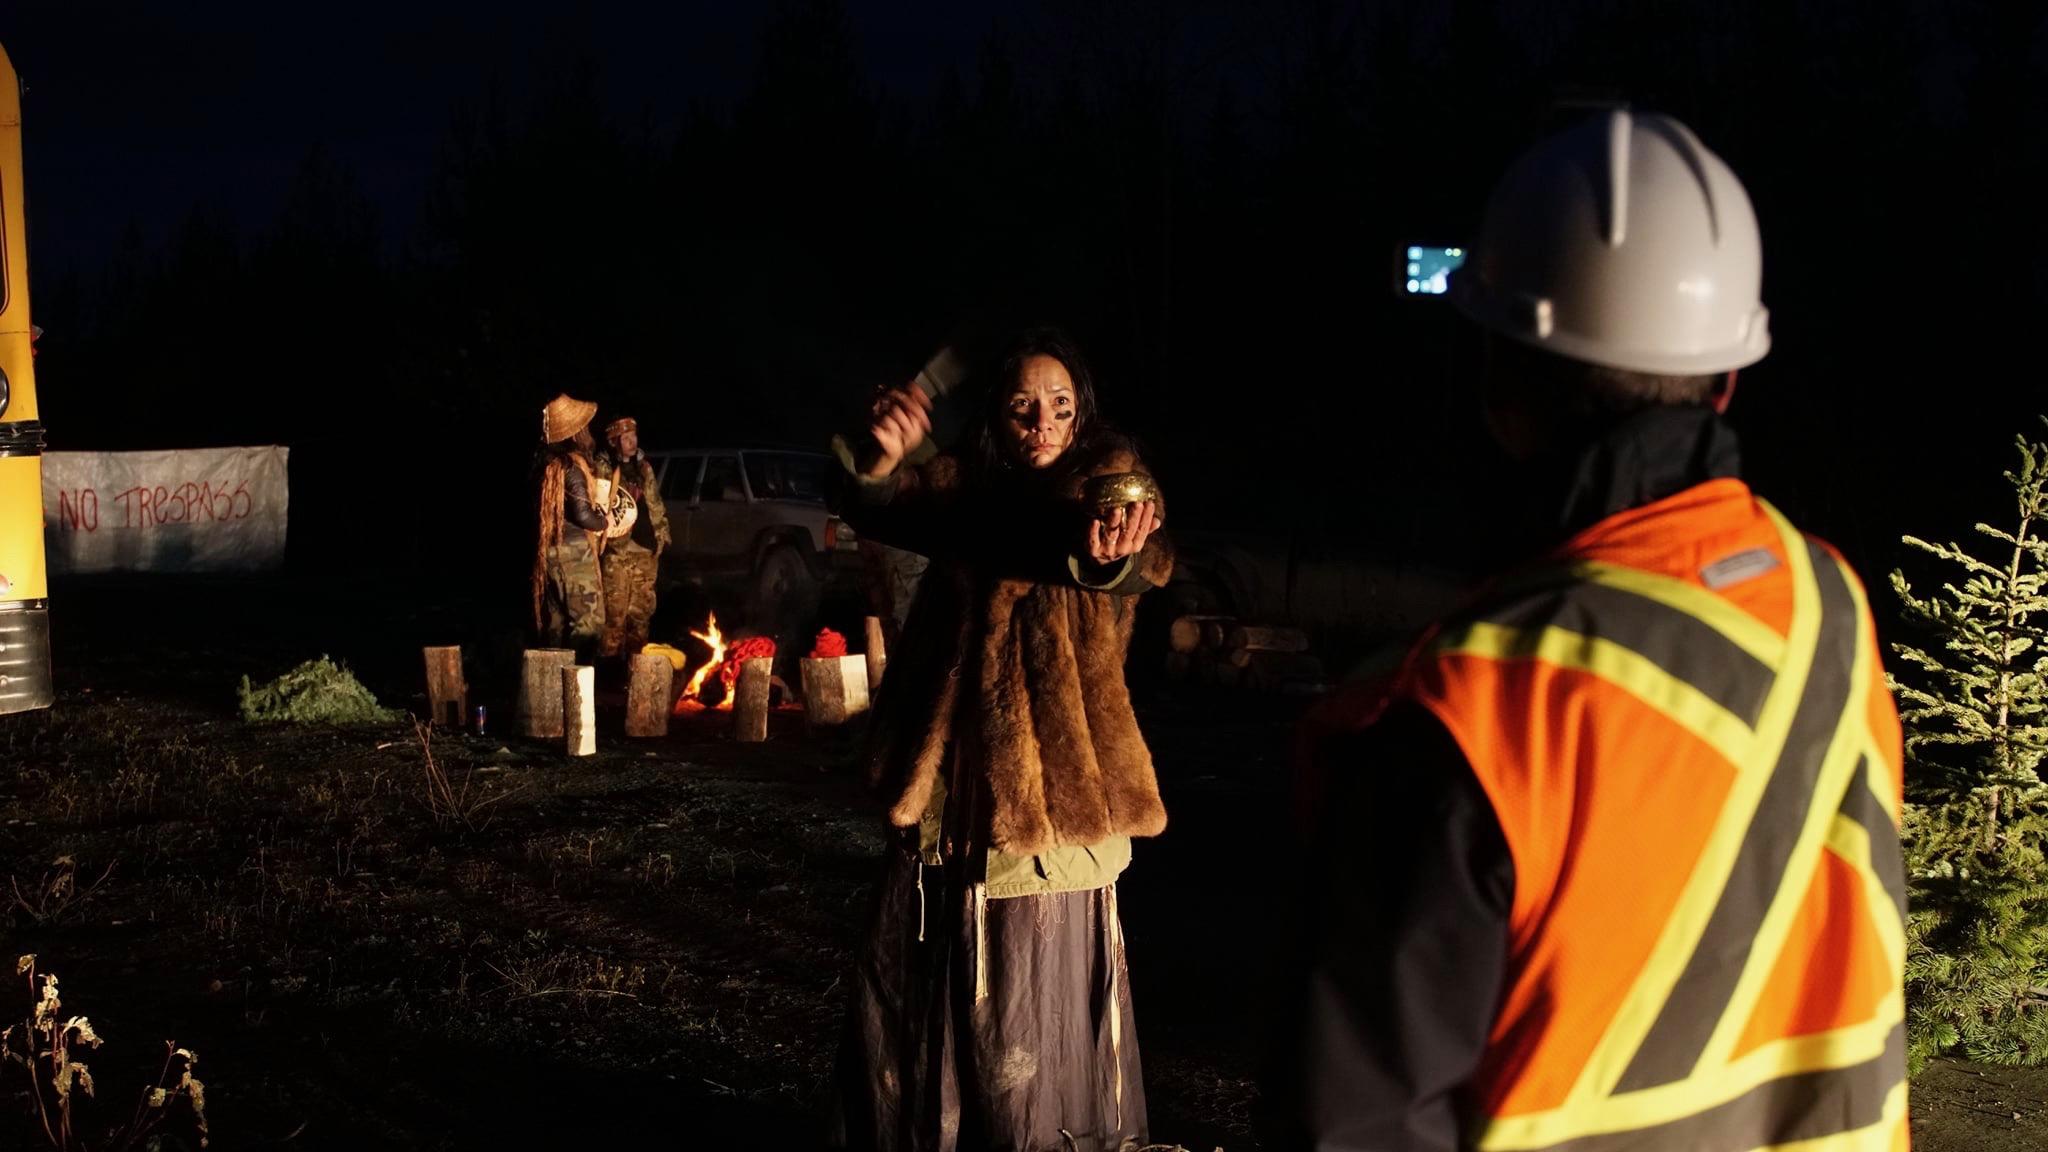 Canada pipeline protest